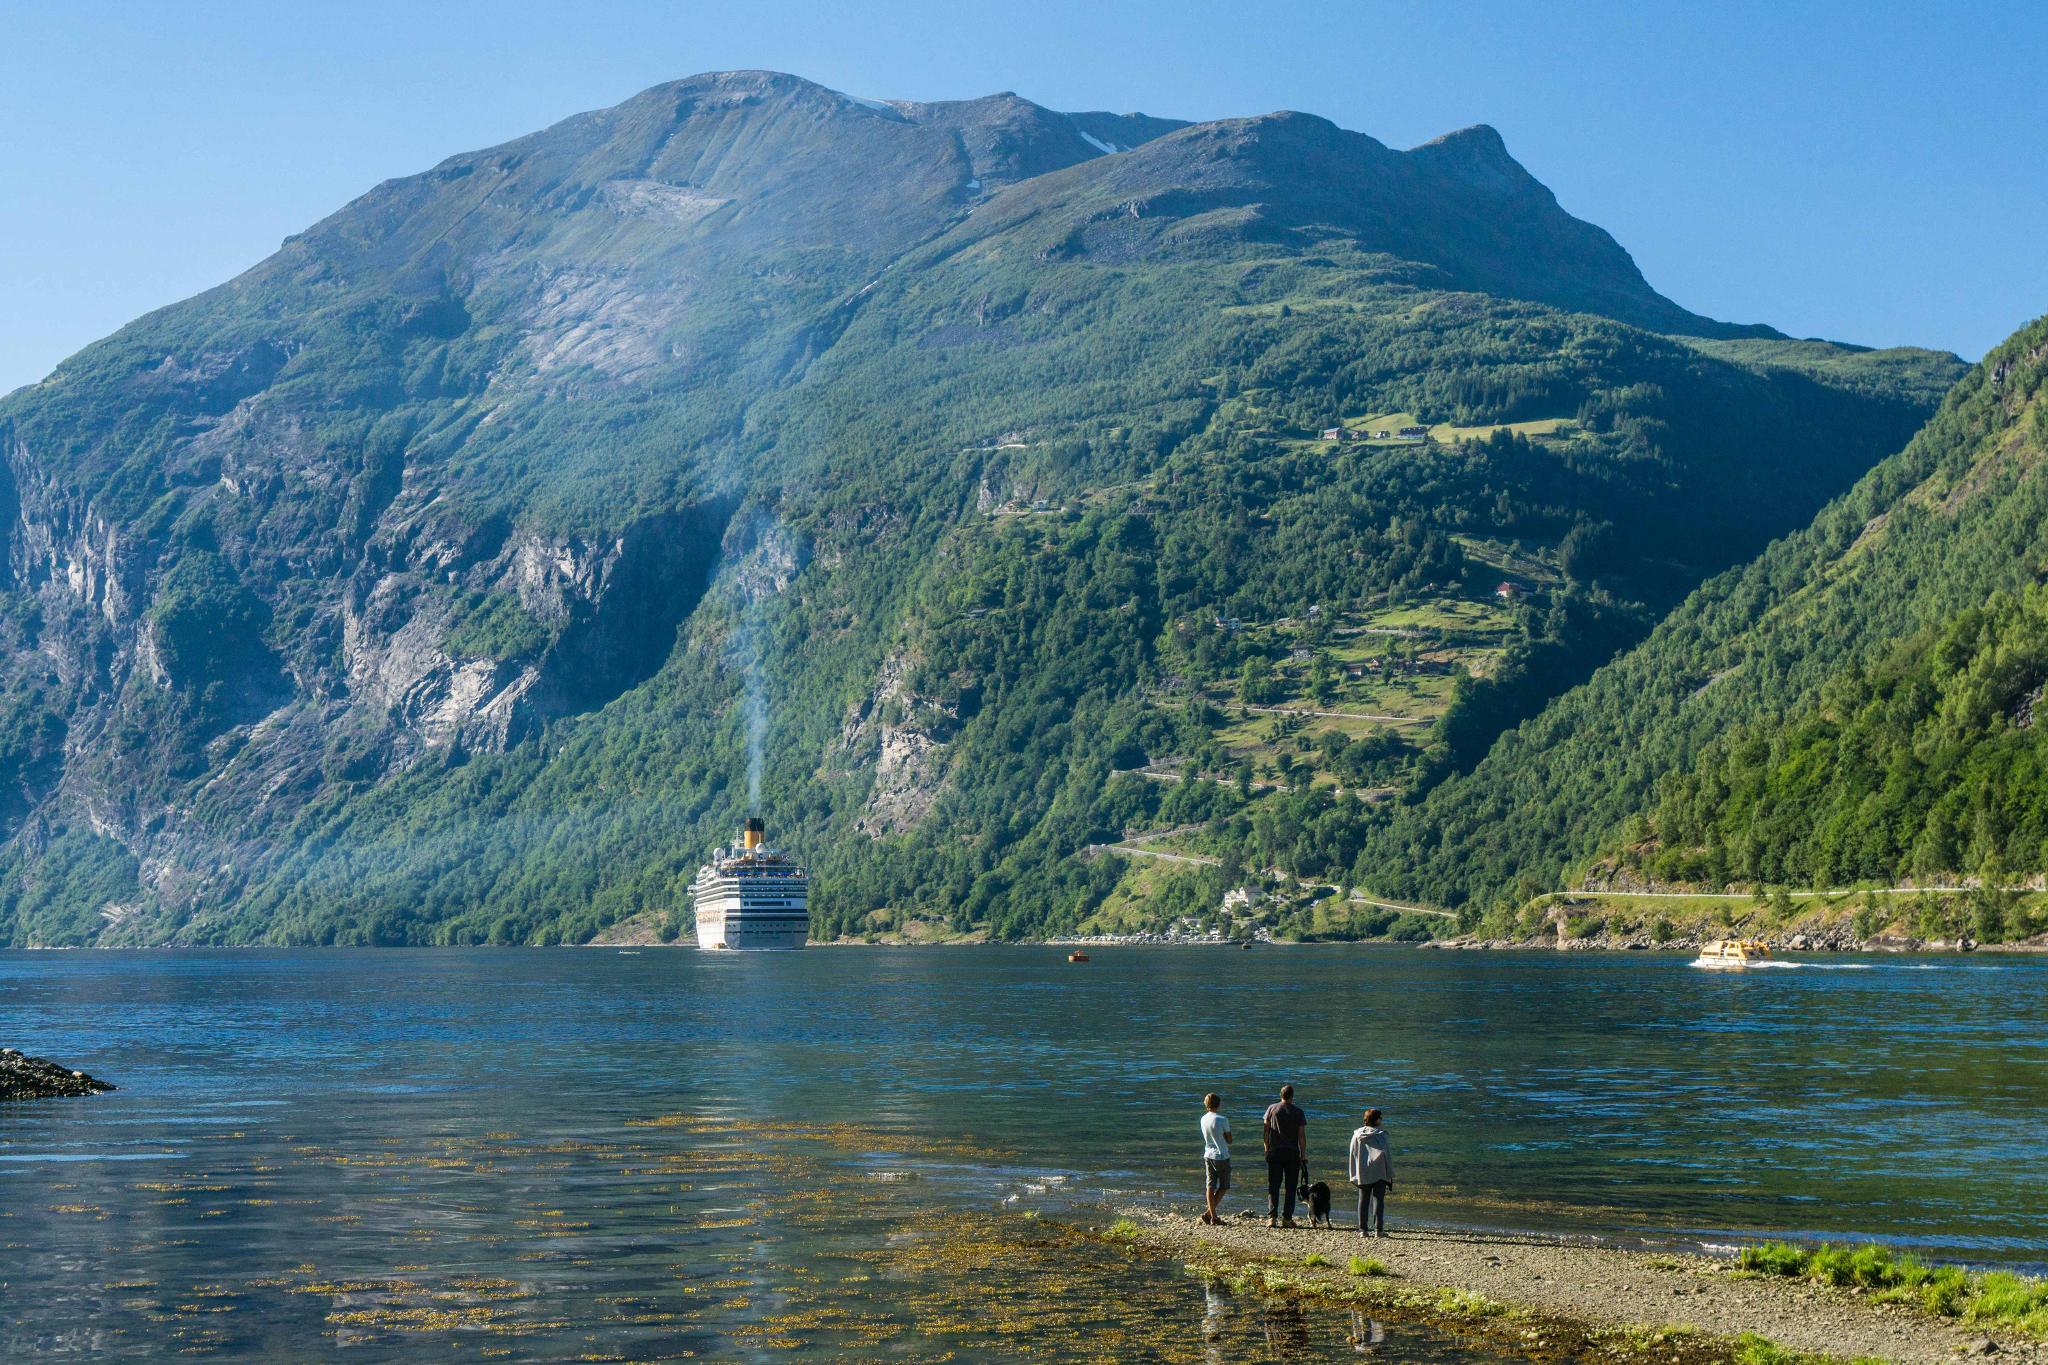 【北歐景點】Ørnesvingen 老鷹之路 ∣ 挪威世界遺產 — 蓋倫格峽灣景點總整理 2